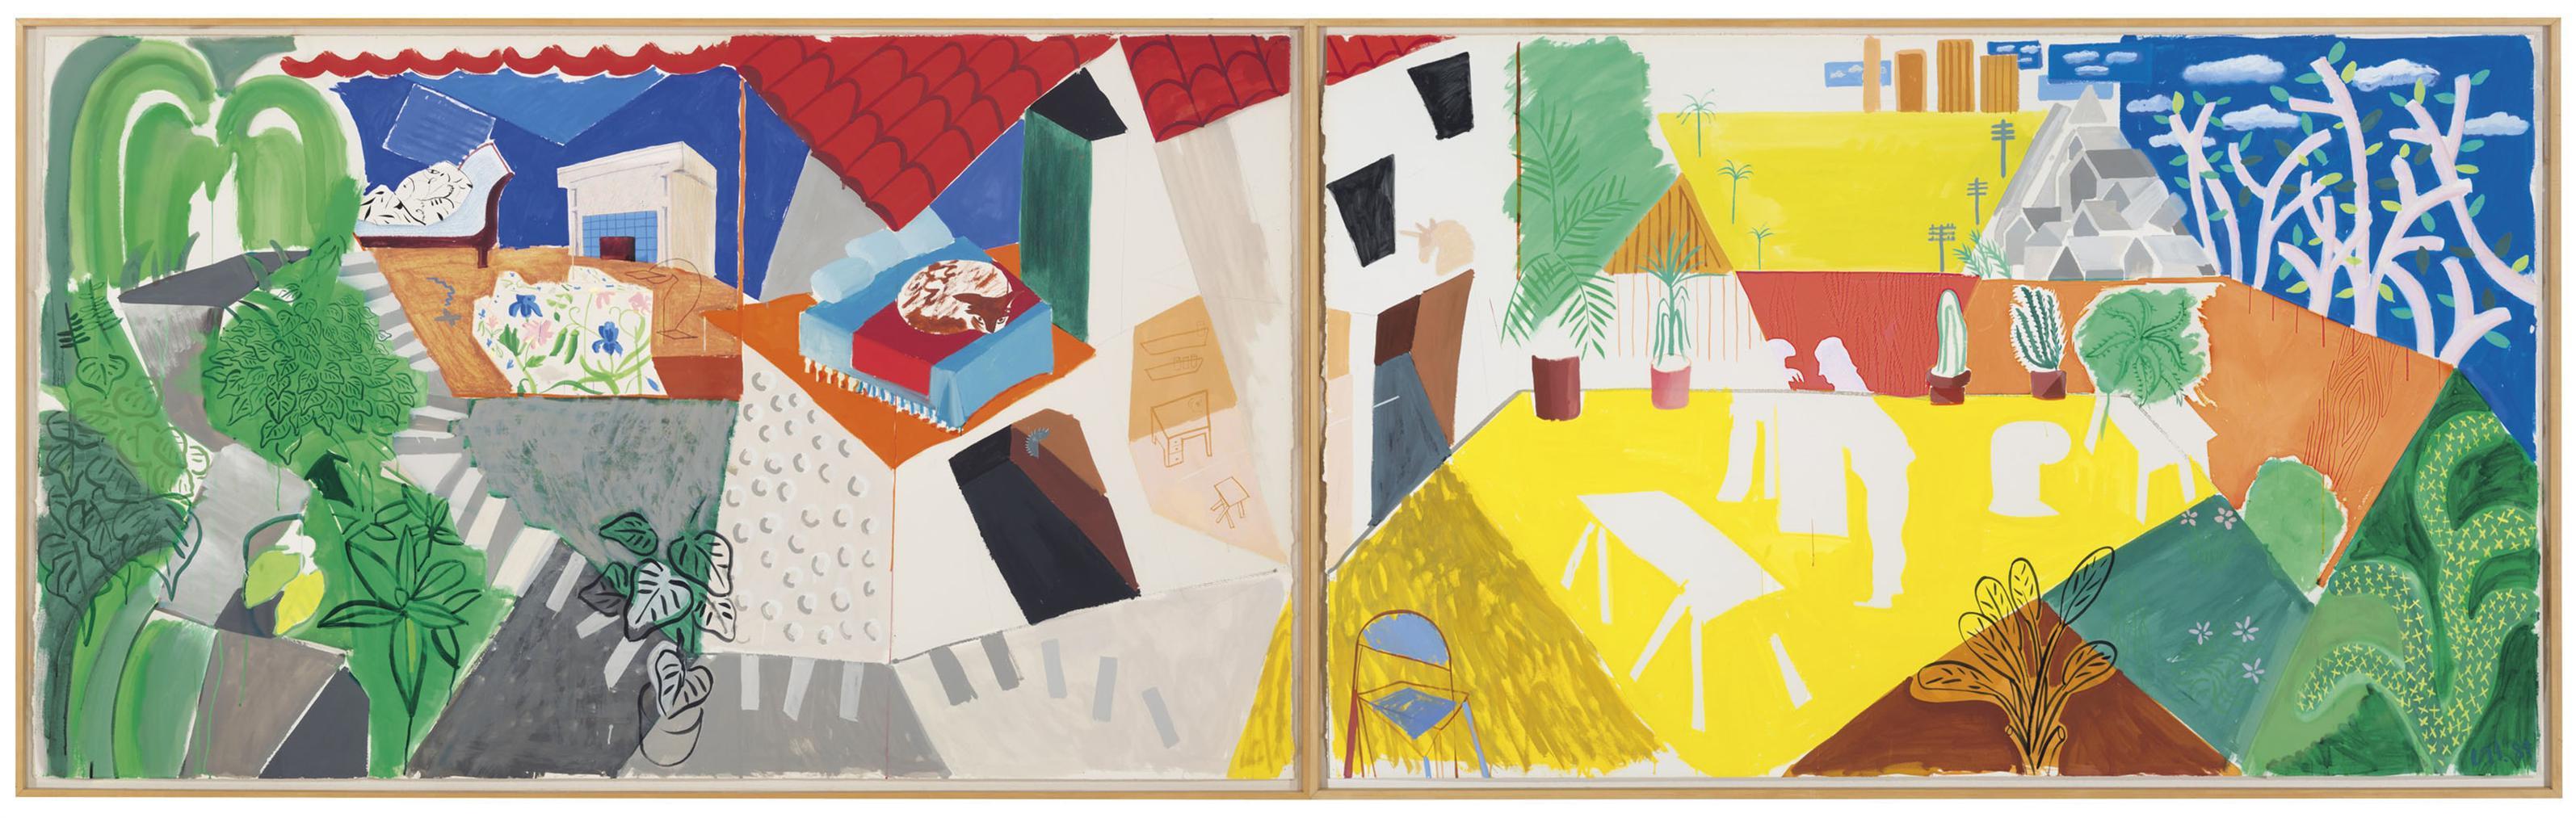 David Hockney-A Visit With Mo And Lisa, Echo Park-1984